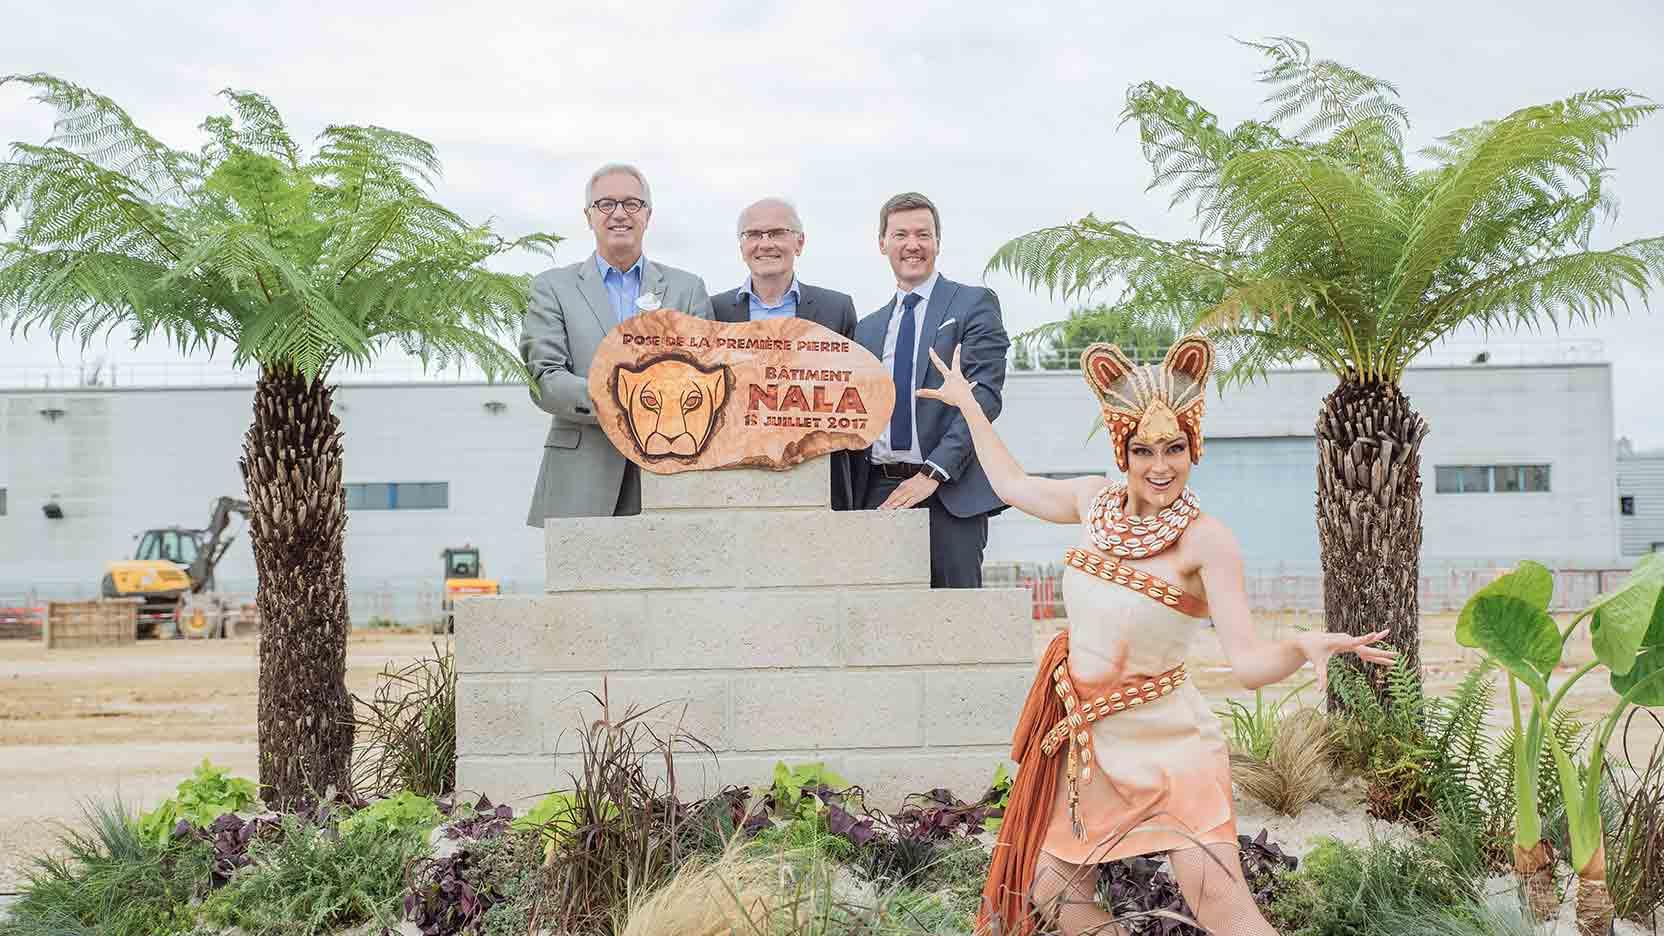 Euro Disney lance la construction d'un nouvel immeuble de 10 000 m² avec GA Smart Building